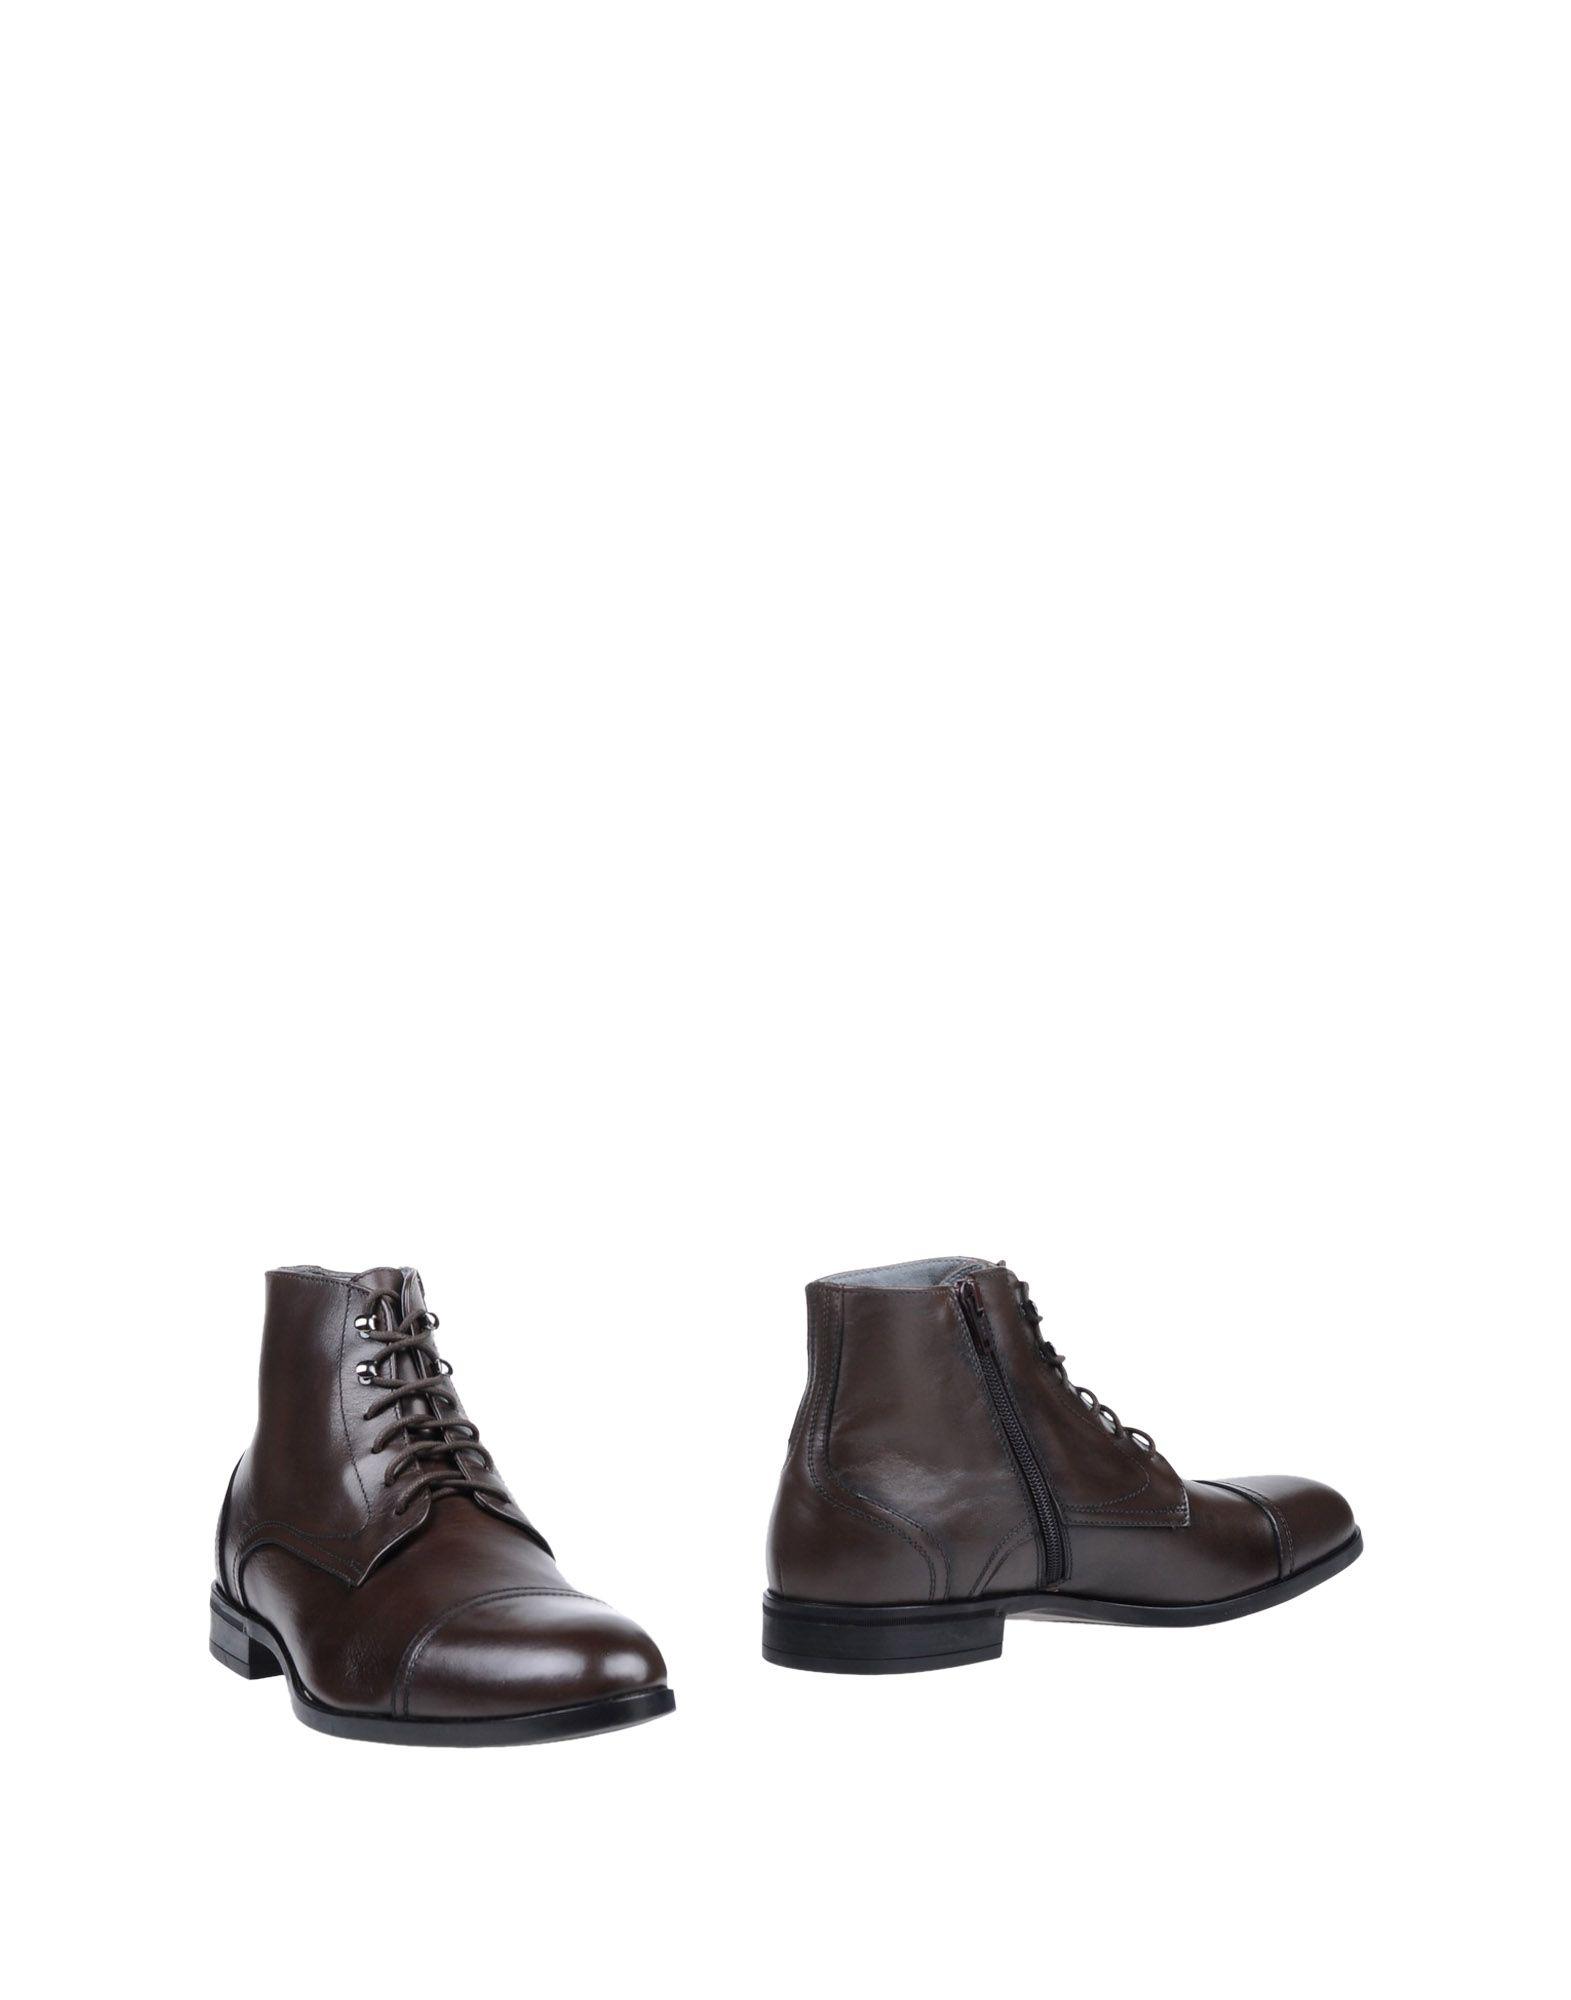 Fabiano Ricci Stiefelette Herren  11375351SN 11375351SN 11375351SN Neue Schuhe c80eaa